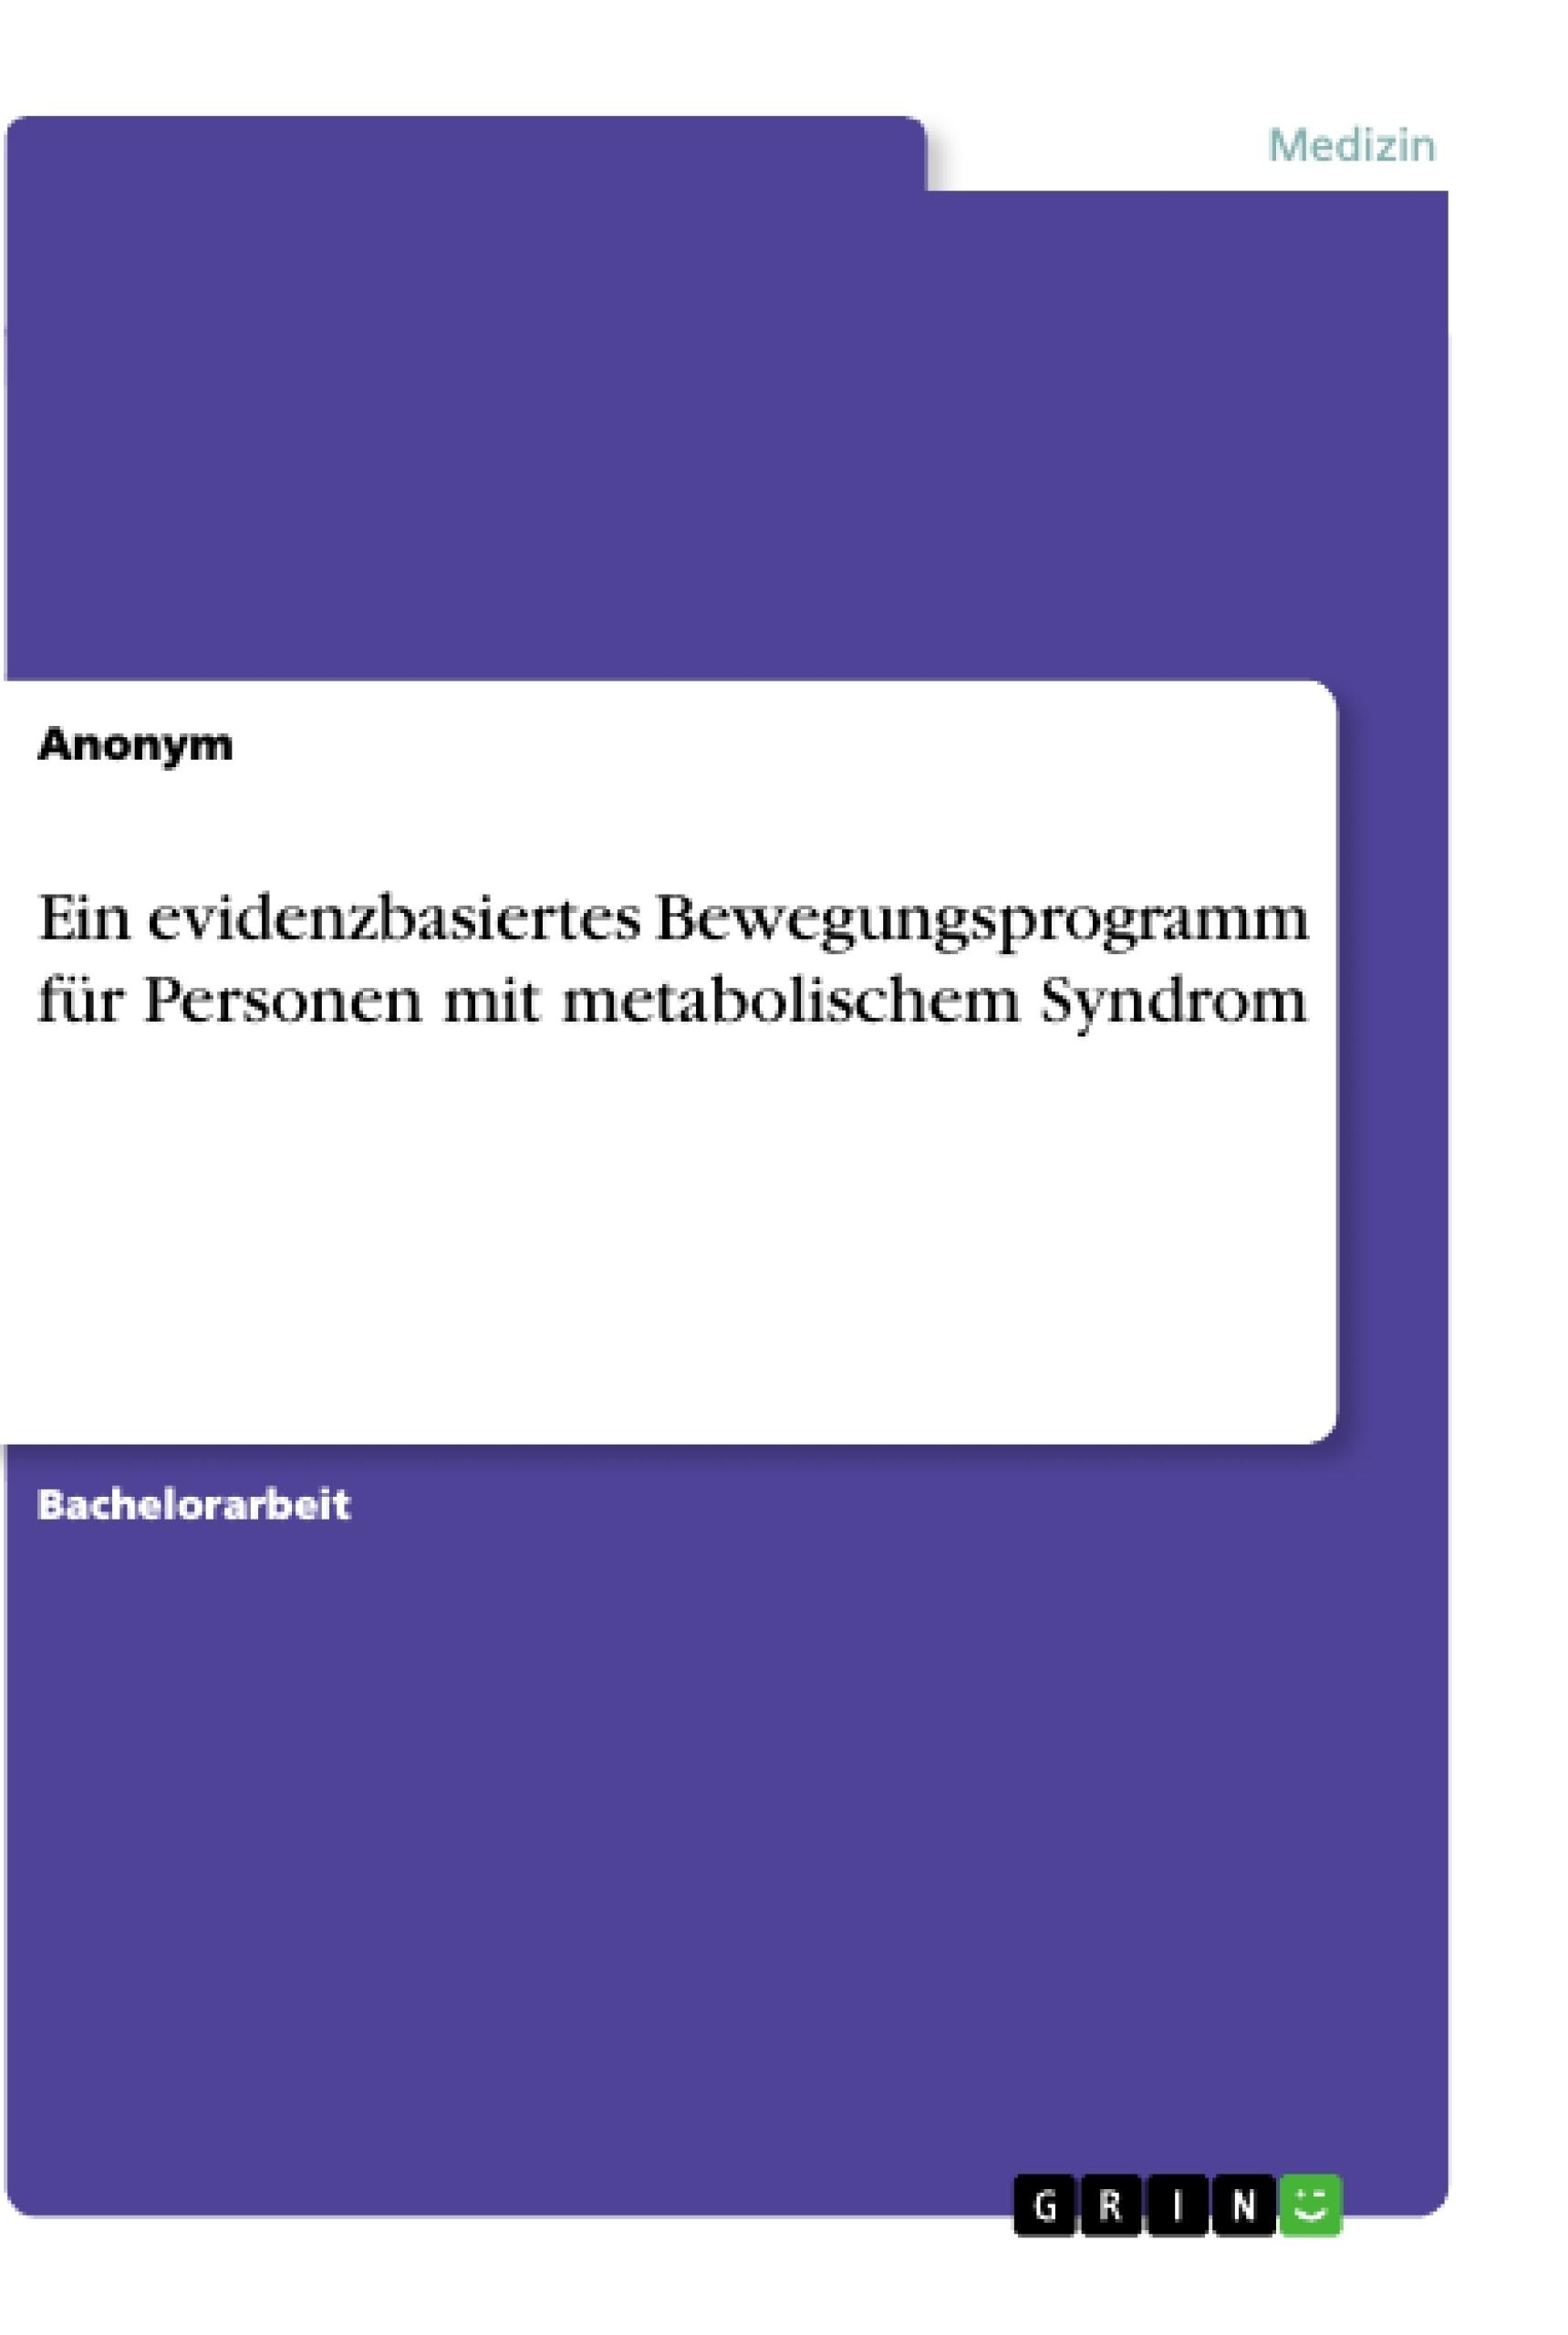 Titel: Ein evidenzbasiertes Bewegungsprogramm für Personen mit metabolischem Syndrom